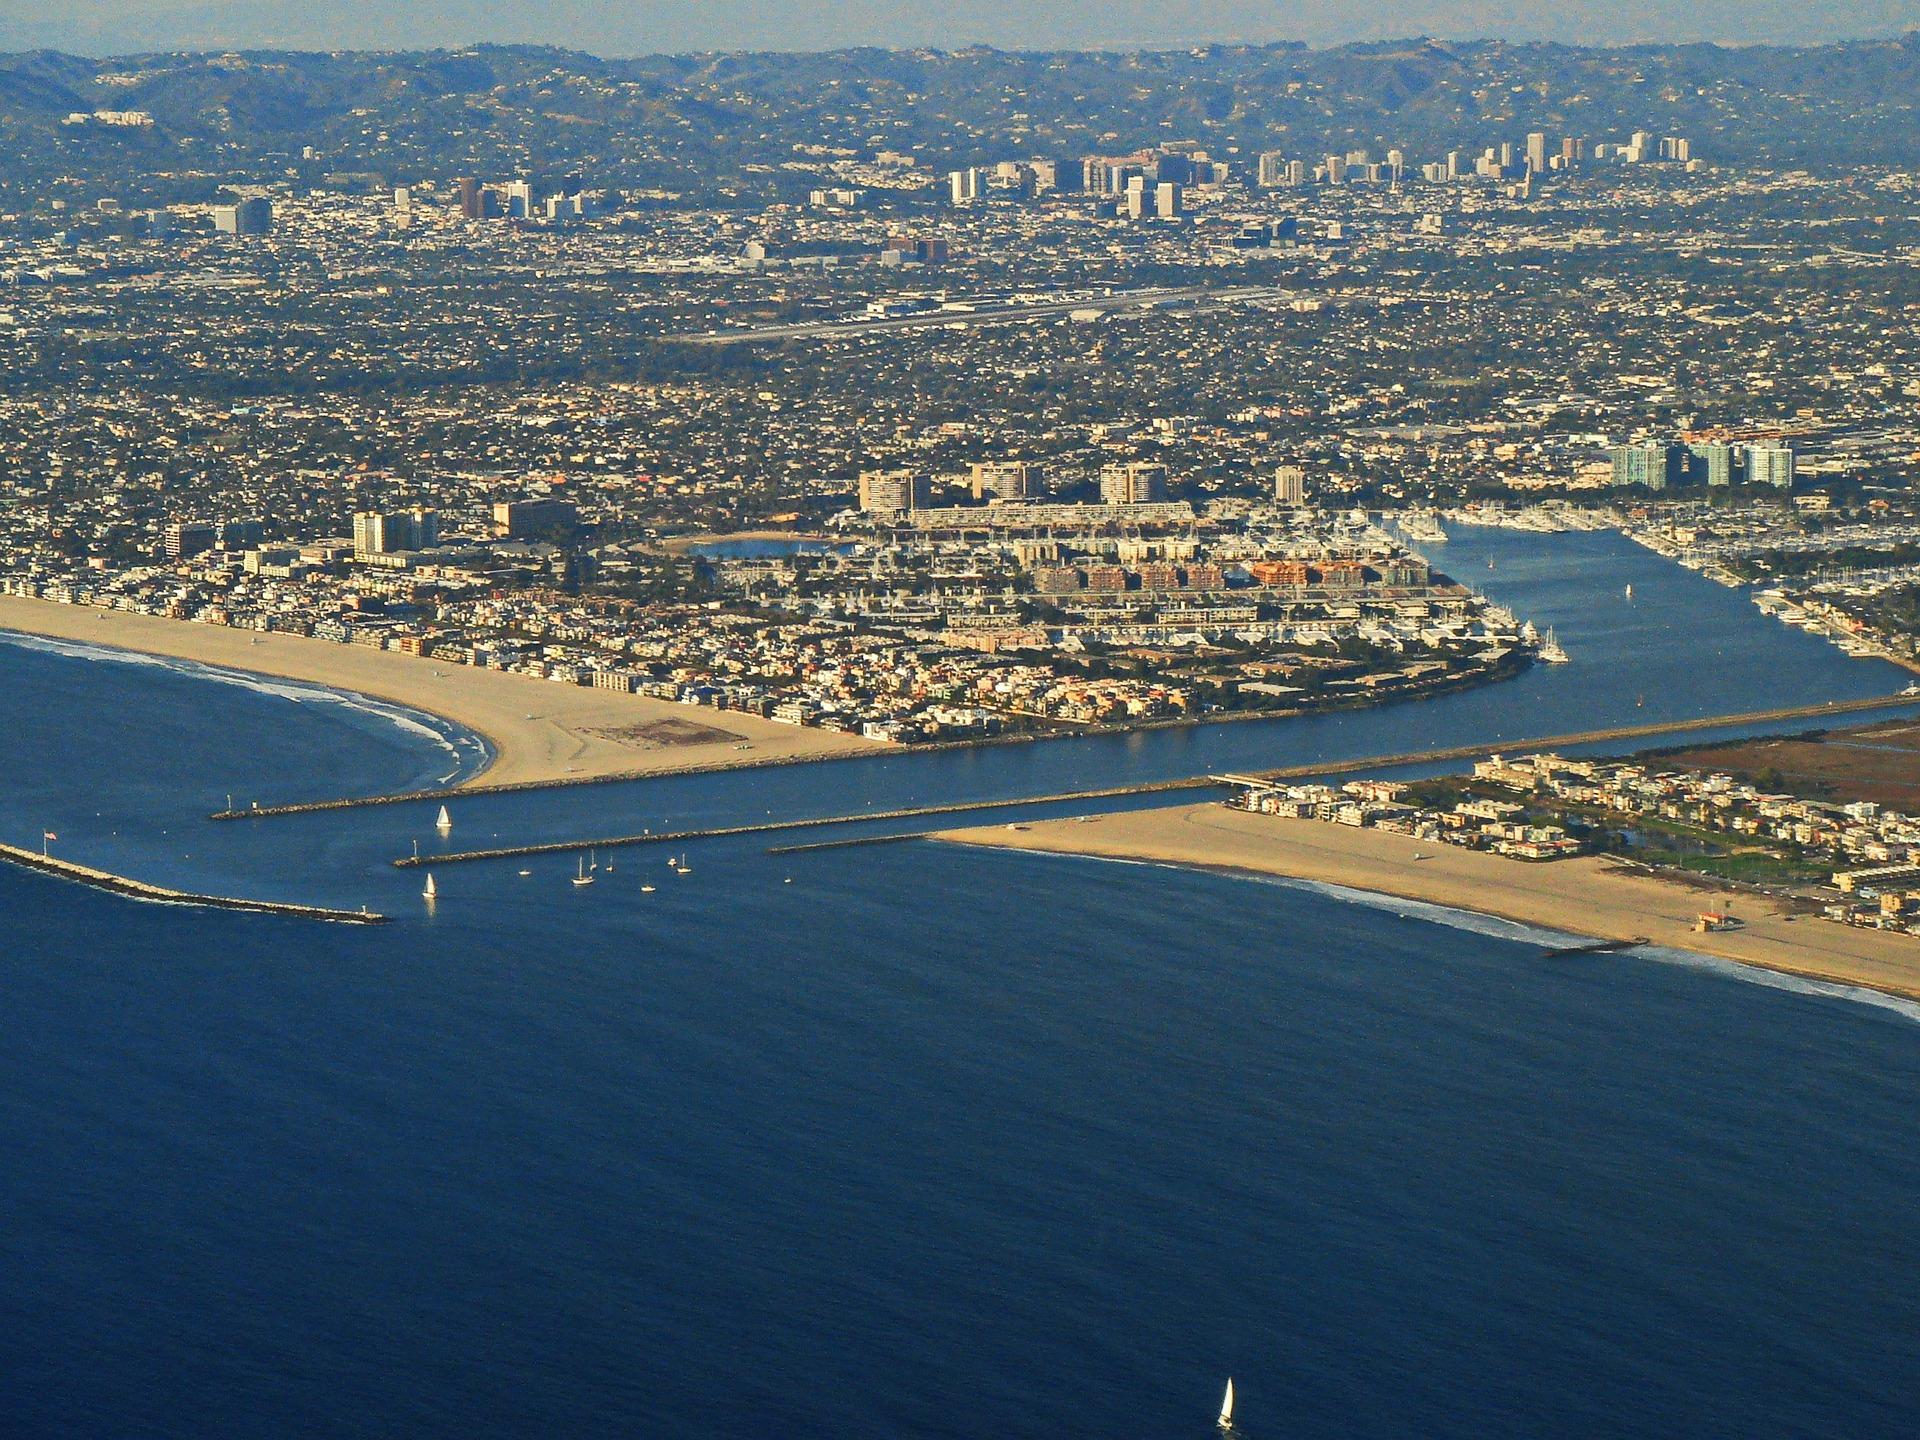 Marina del Rey, Los Angeles